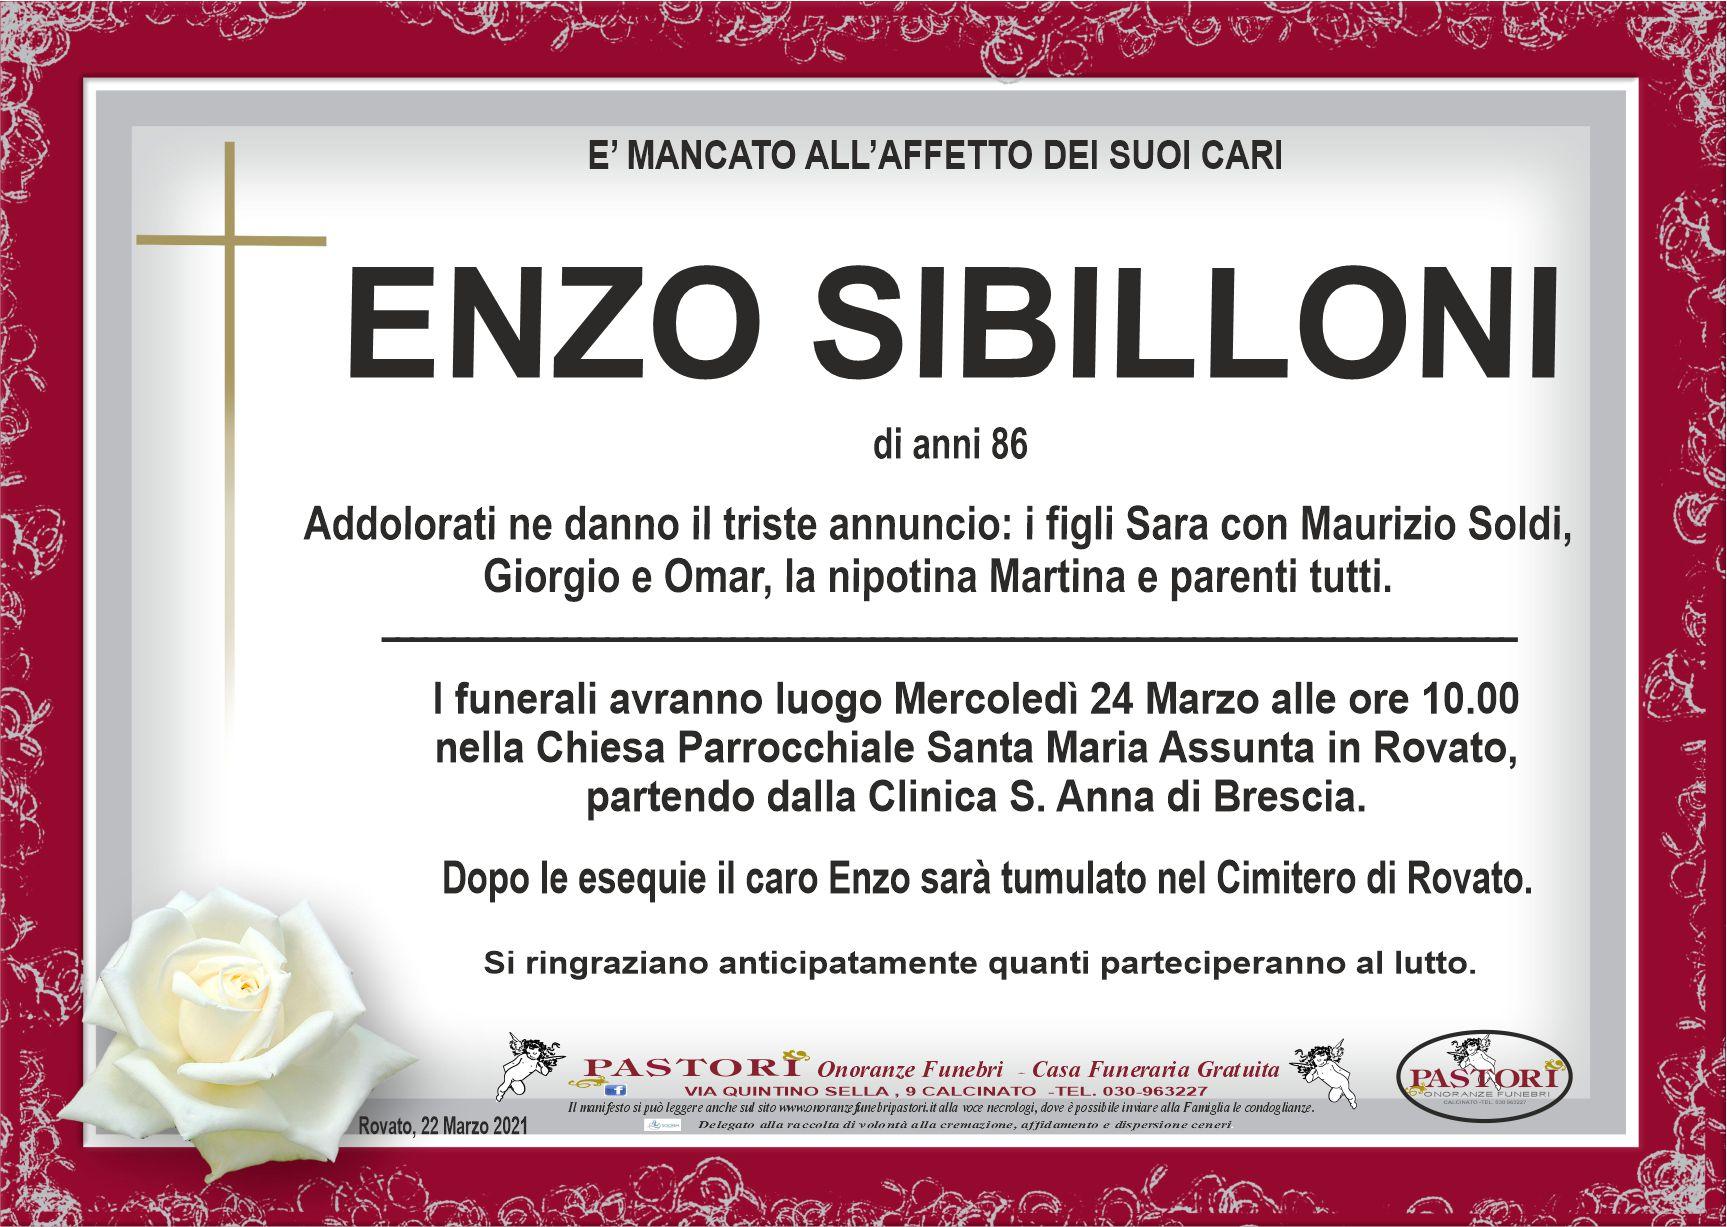 Enzo Sibilloni